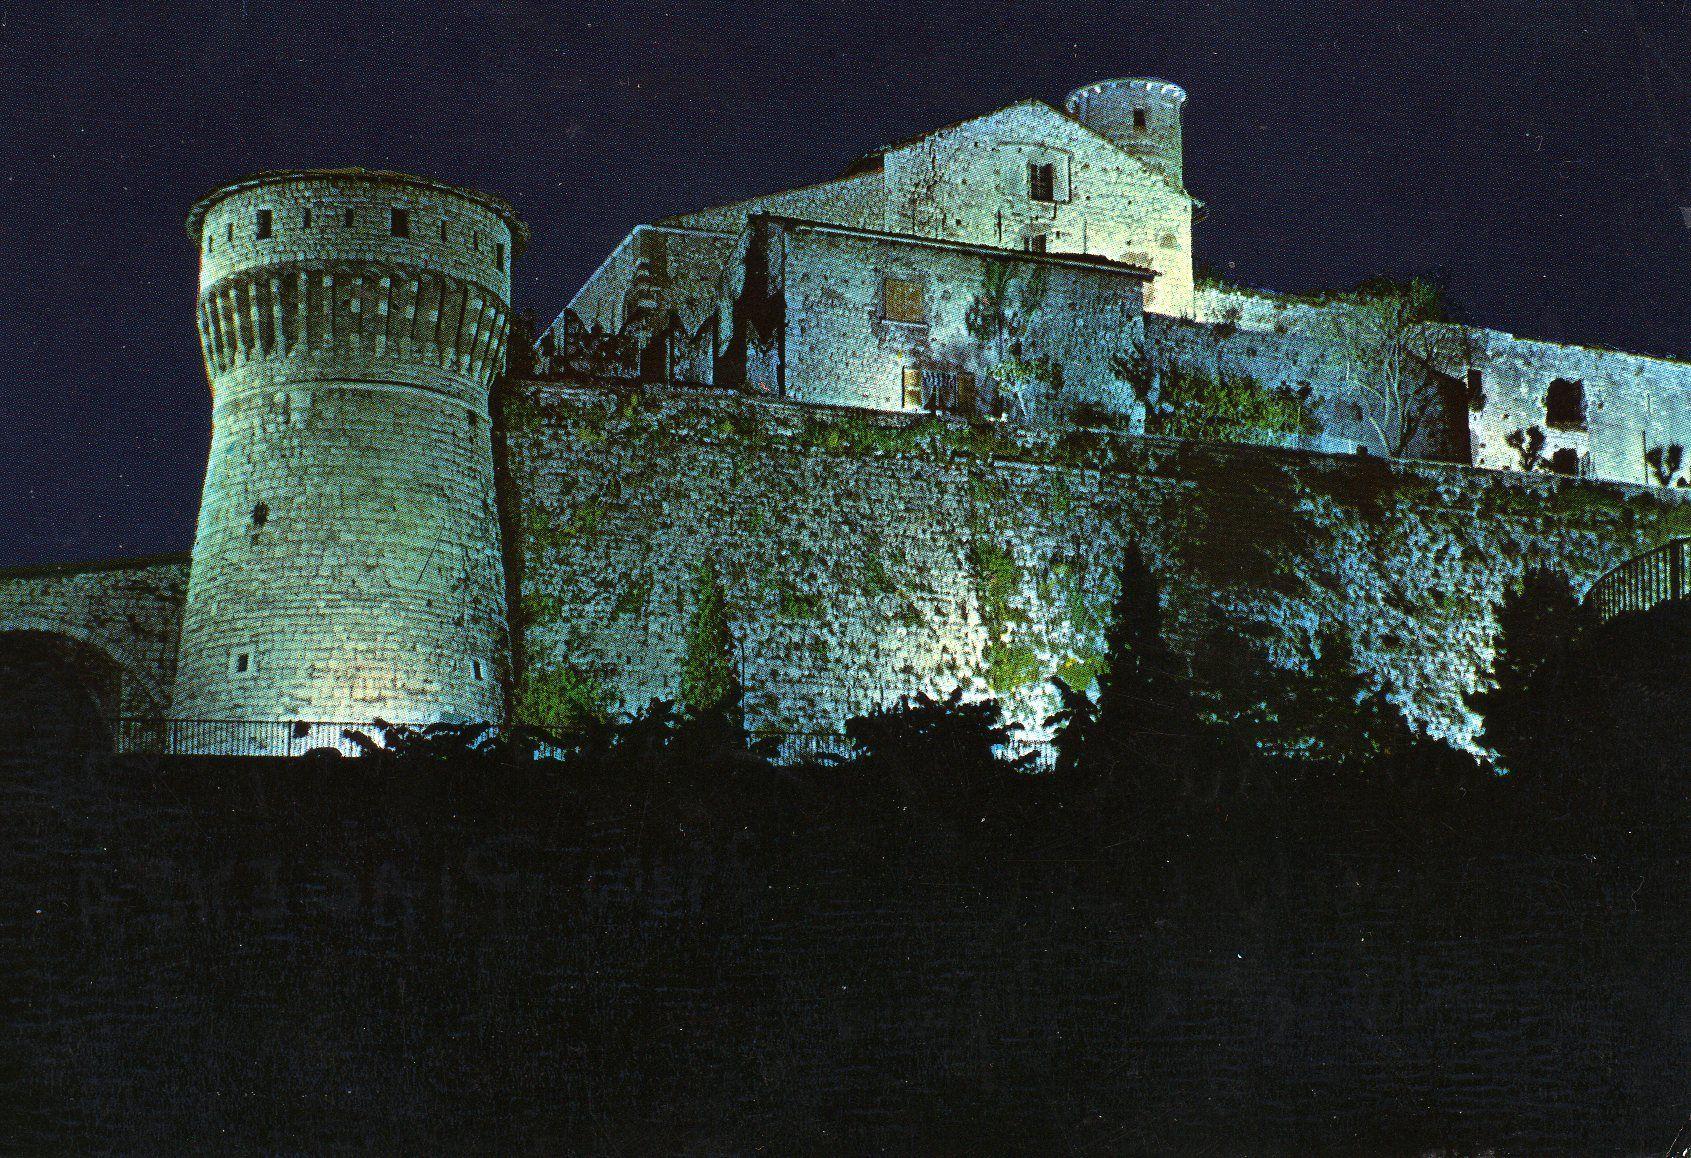 Il Castello illuminato - 1970 http://www.bresciavintage.it/brescia-antica/cartoline/castello-illuminato-1970-2/